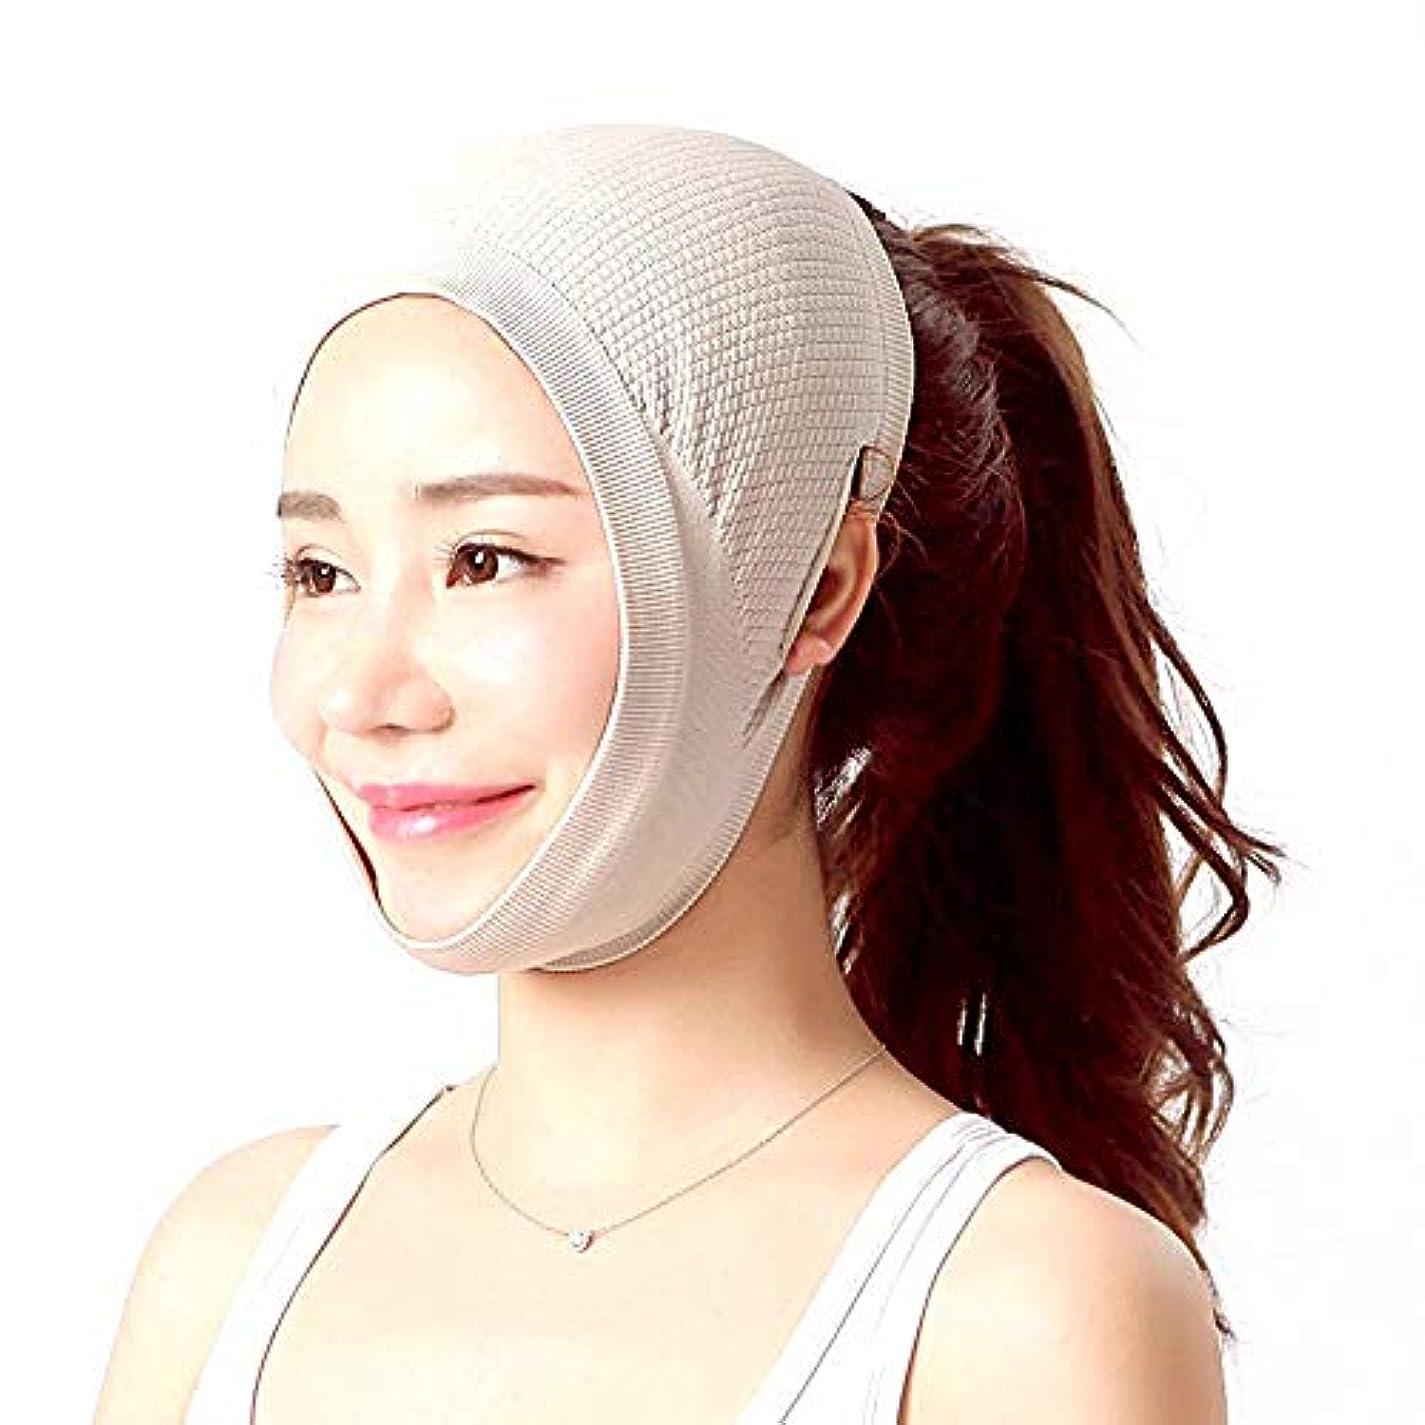 つぶす意見地球Jia Jia- フェイスリフティングアーティファクト包帯ライン術後回復包帯リフティングフェイスフードVフェイス包帯リフティングVフェイス美容マスク - 肌のトーン 顔面包帯